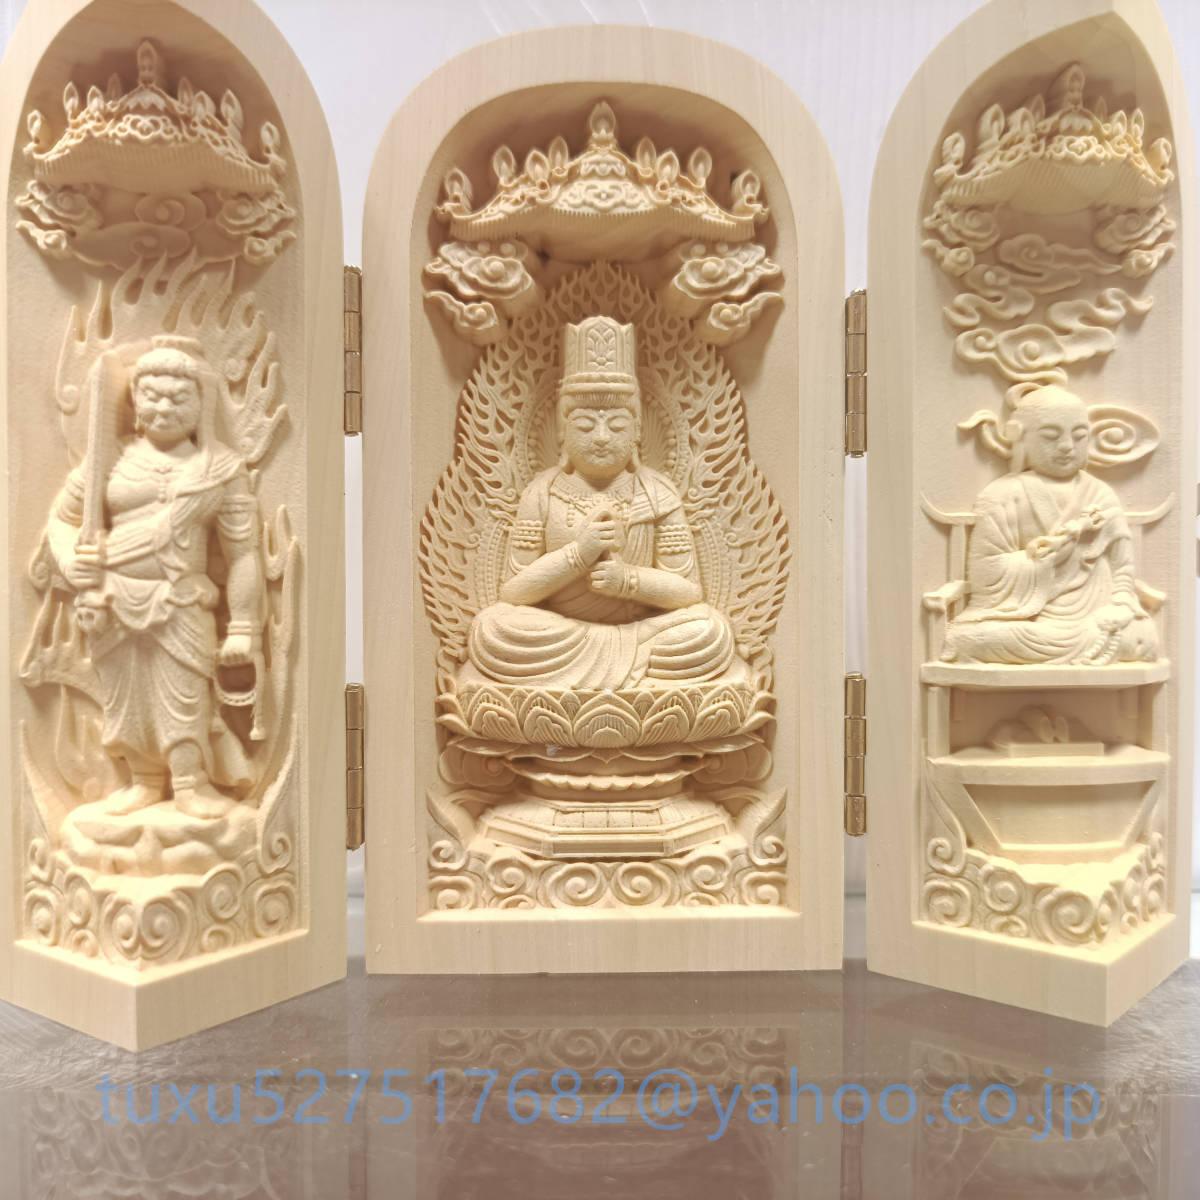 三開仏 木彫仏像 精密彫刻 真言宗三尊 大日如来 弘法大師 不動明王_画像4